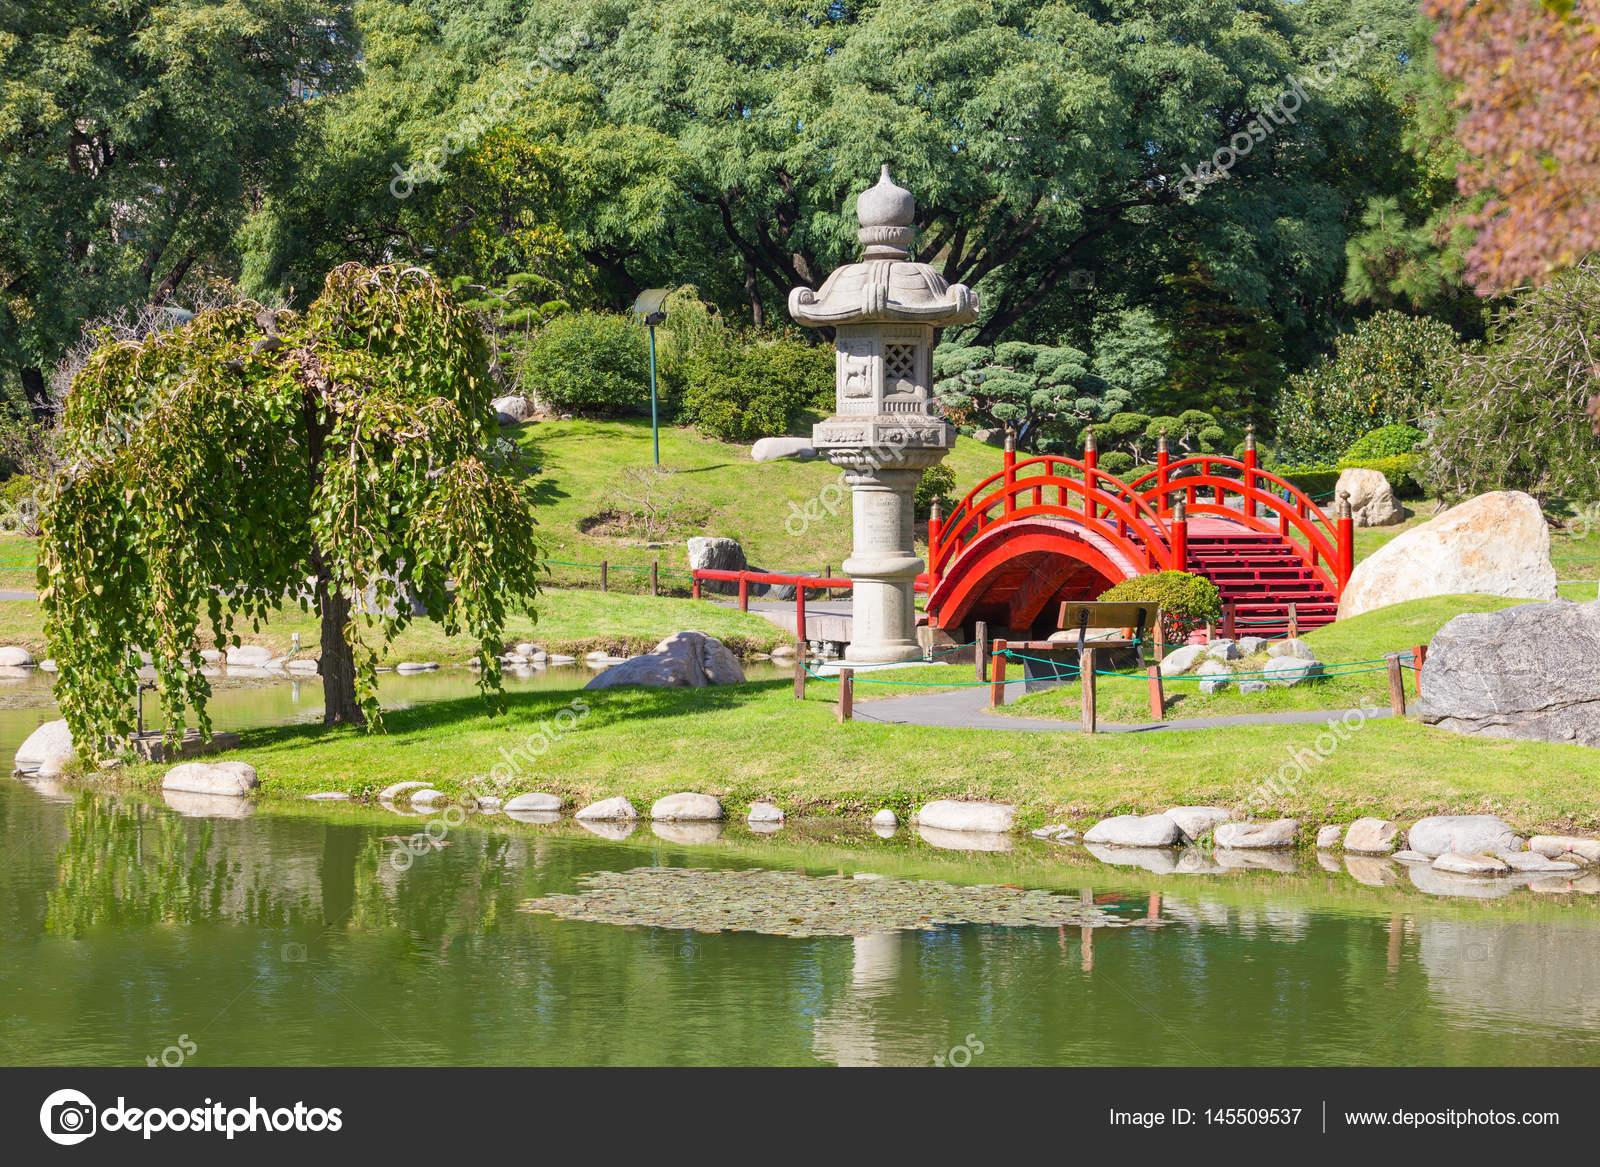 Giardini giapponesi di buenos aires foto stock saiko3p for Giardini giapponesi